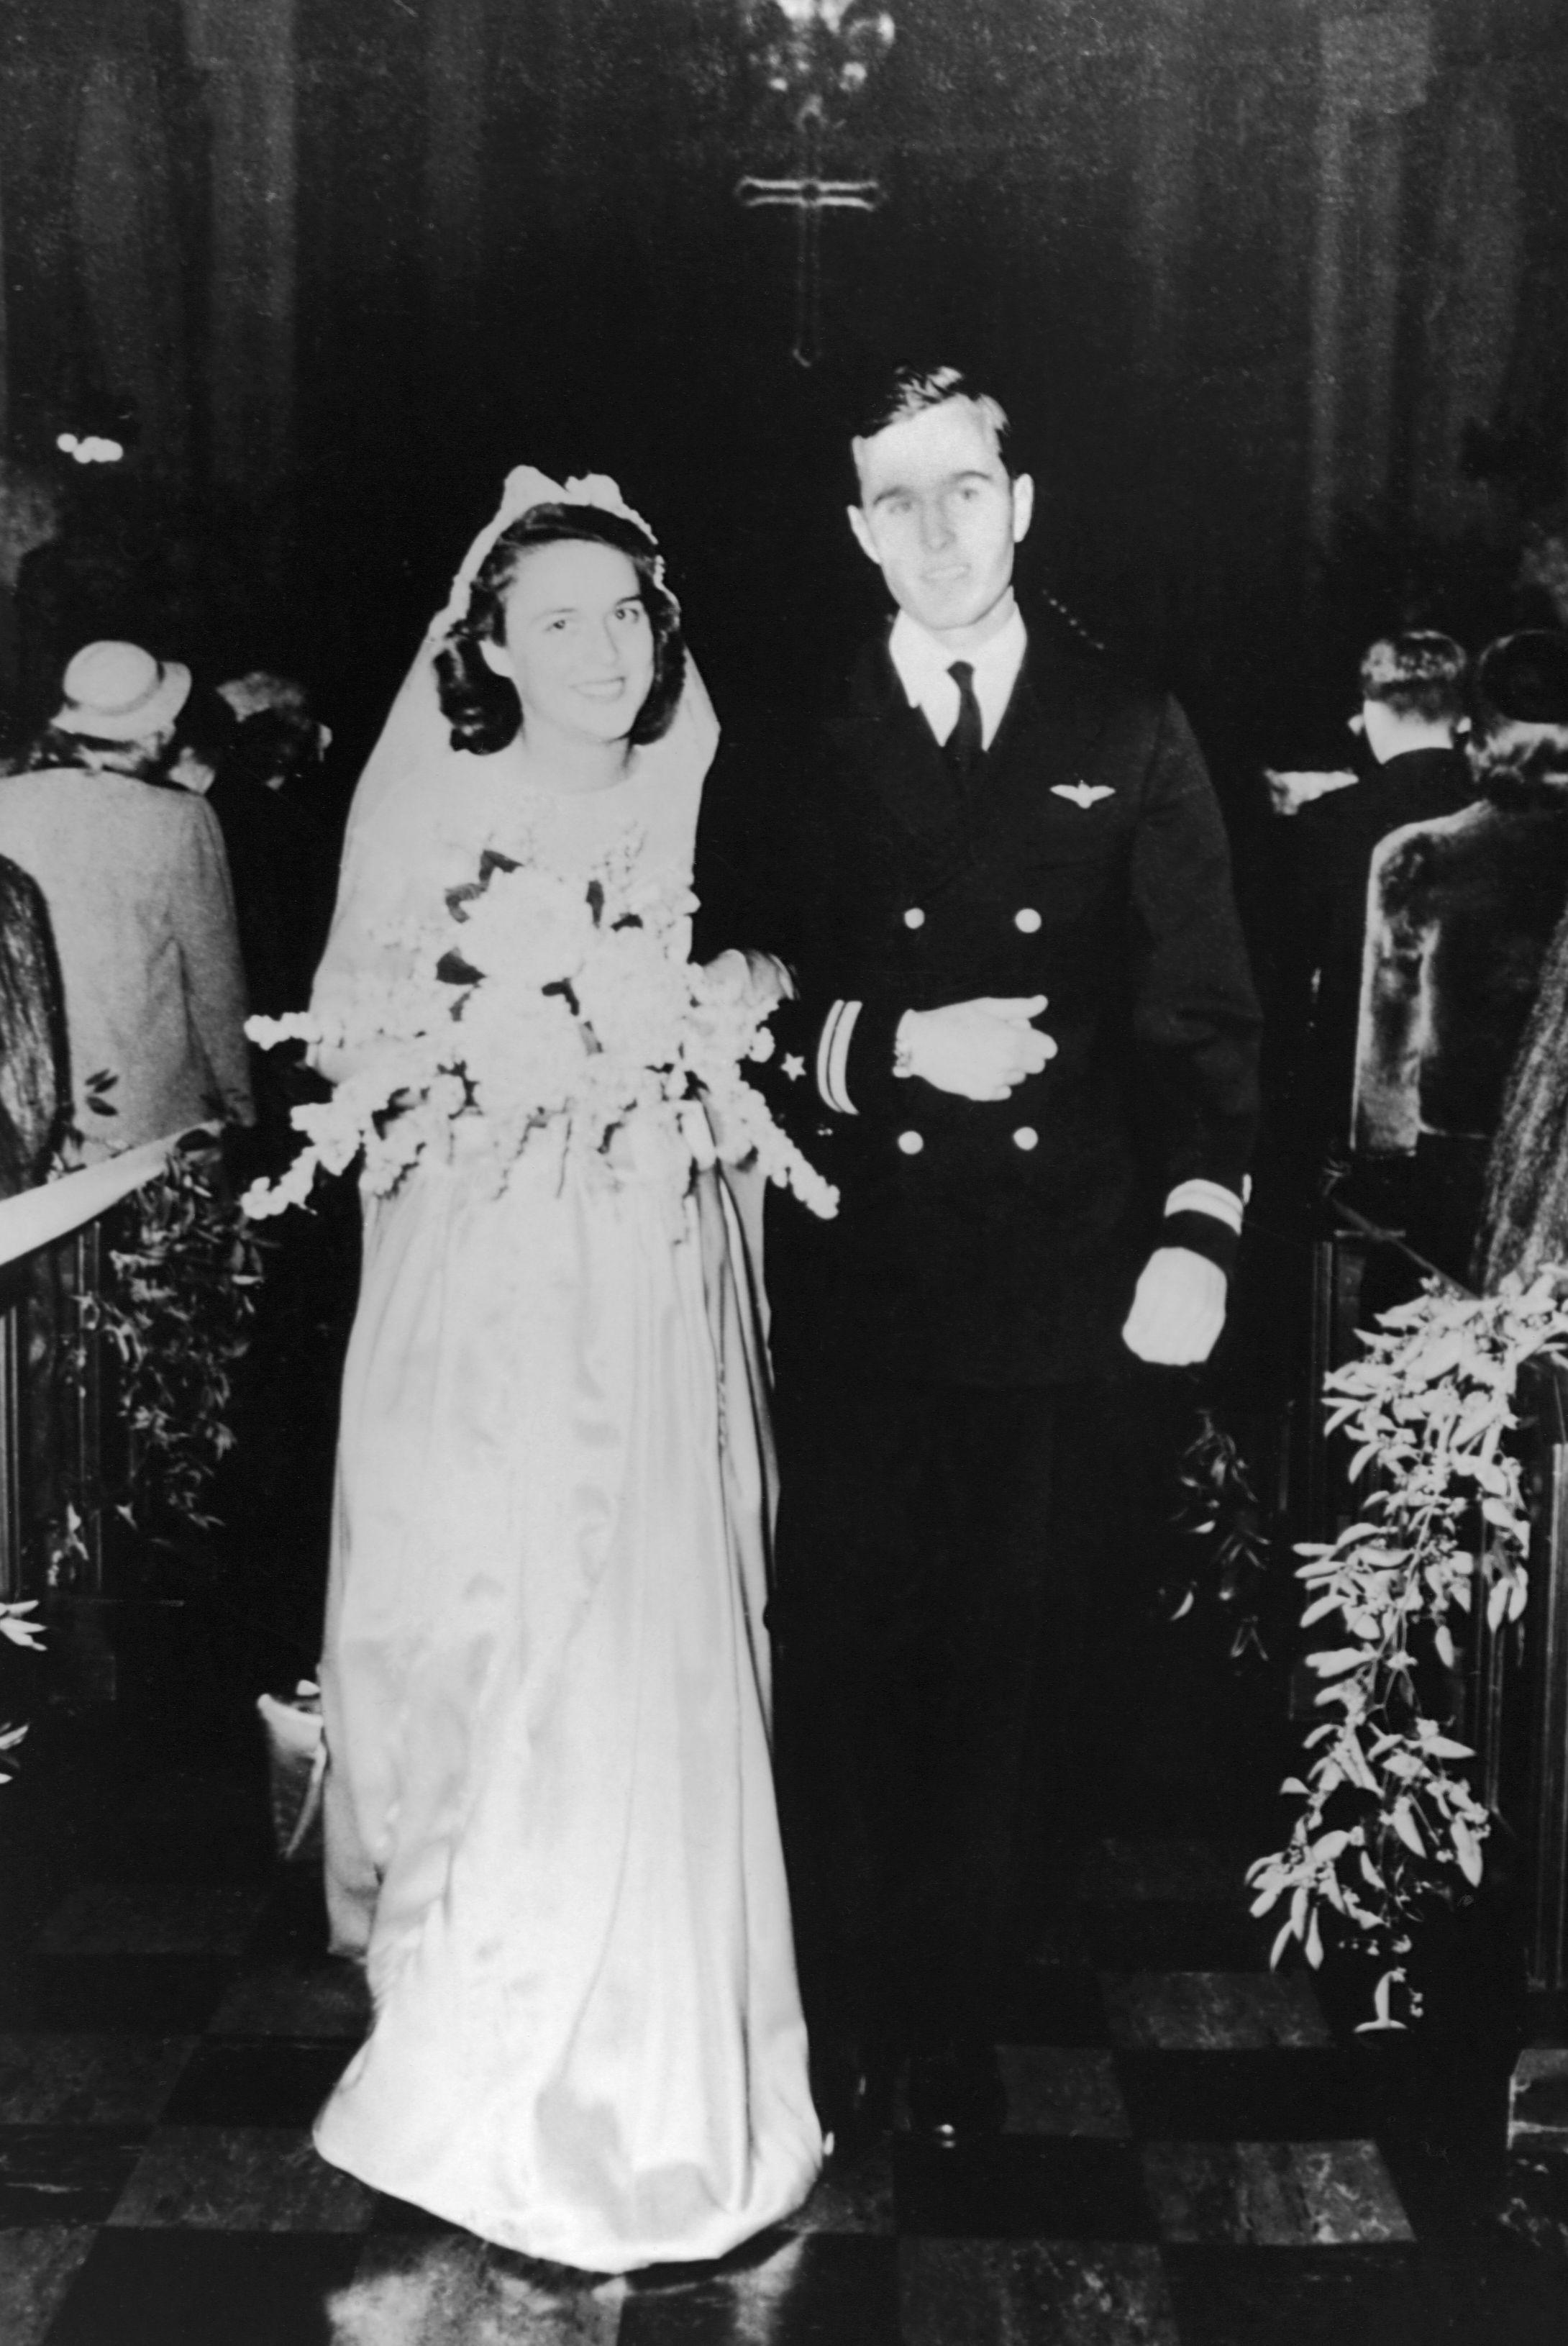 barbara bush and george h.w. bush 1945 wedding